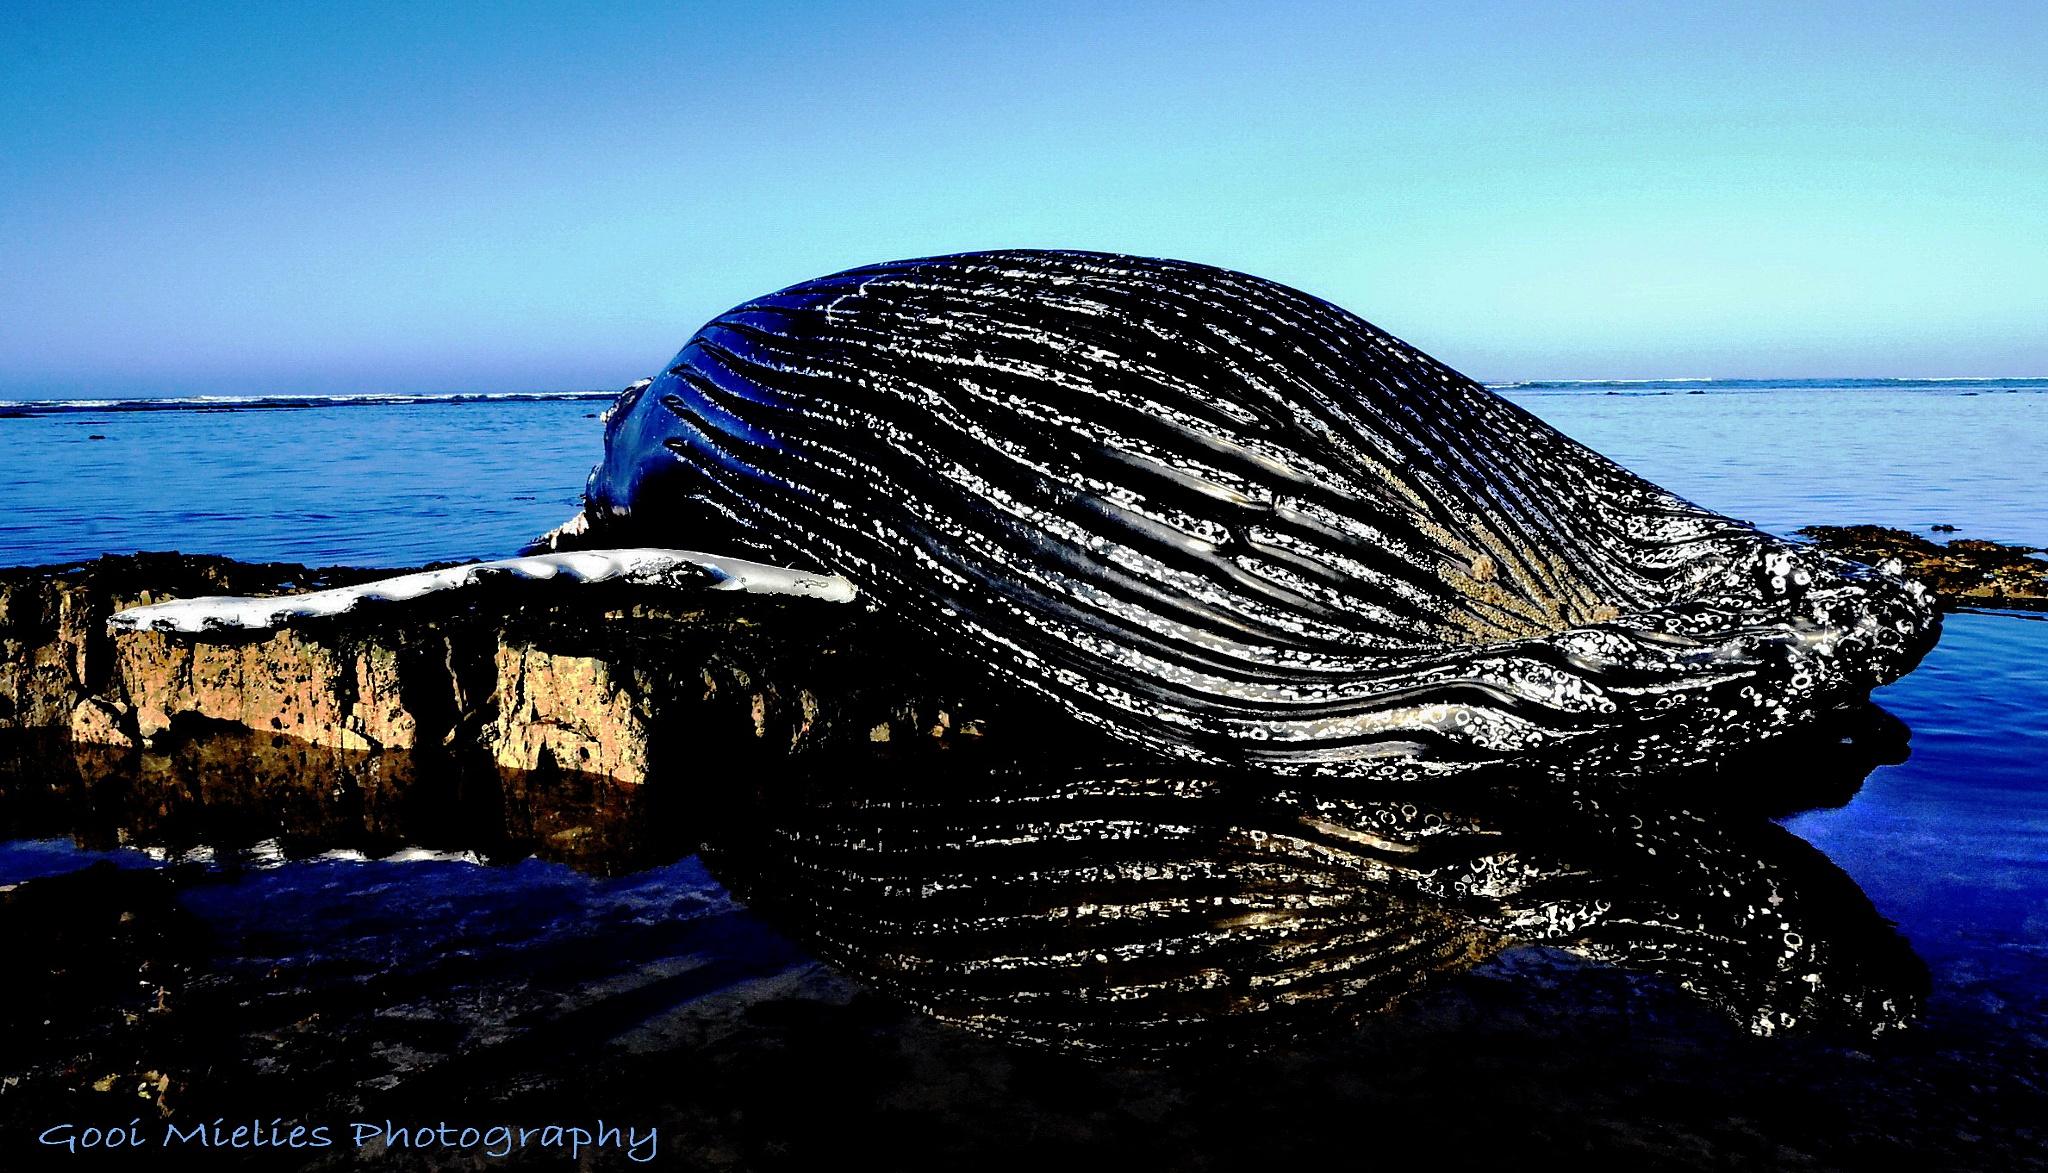 Whale by GooiMielies